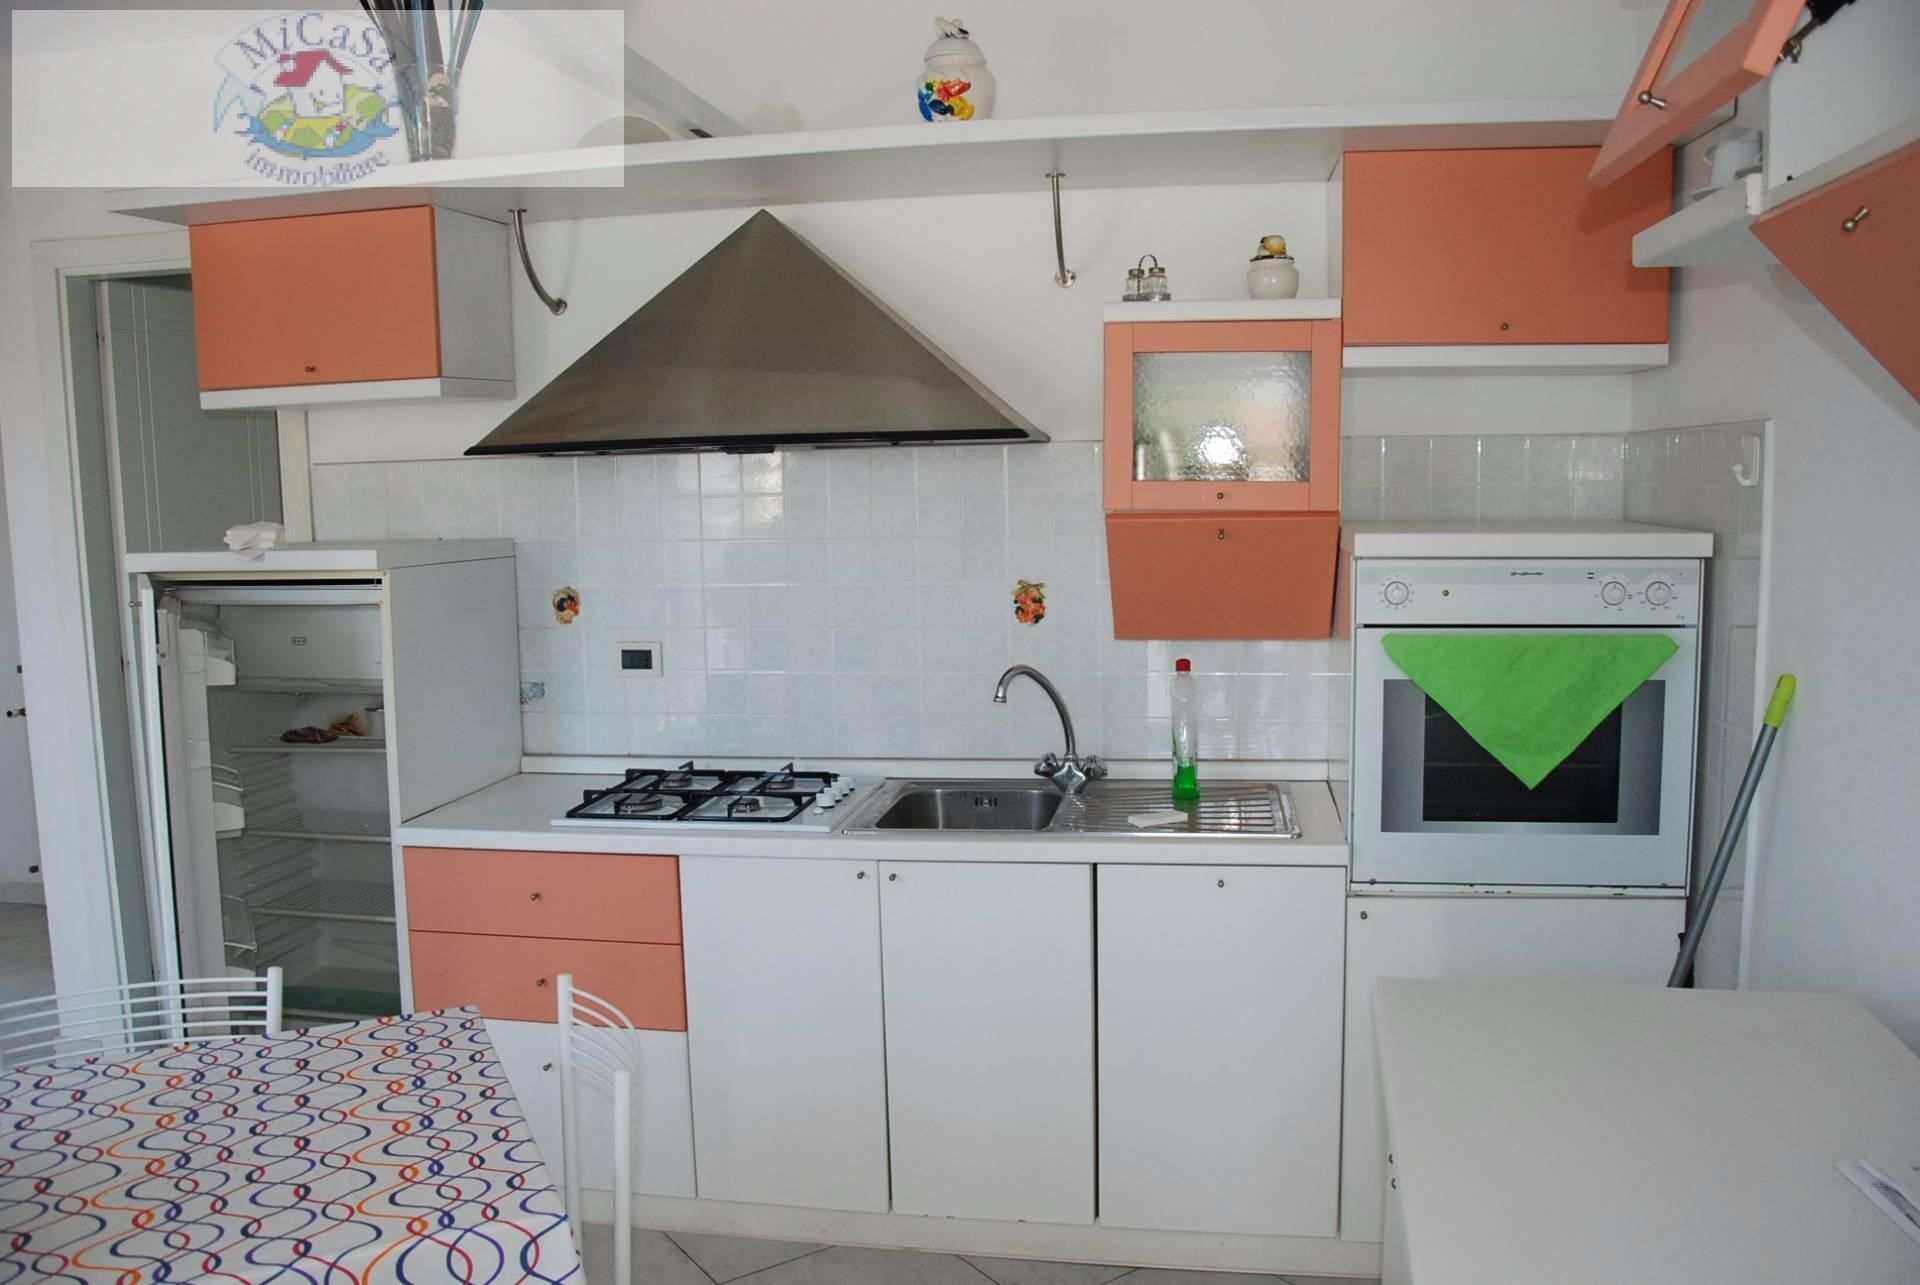 Attico / Mansarda in affitto a Pisa, 1 locali, zona Zona: Tirrenia, prezzo € 500 | CambioCasa.it